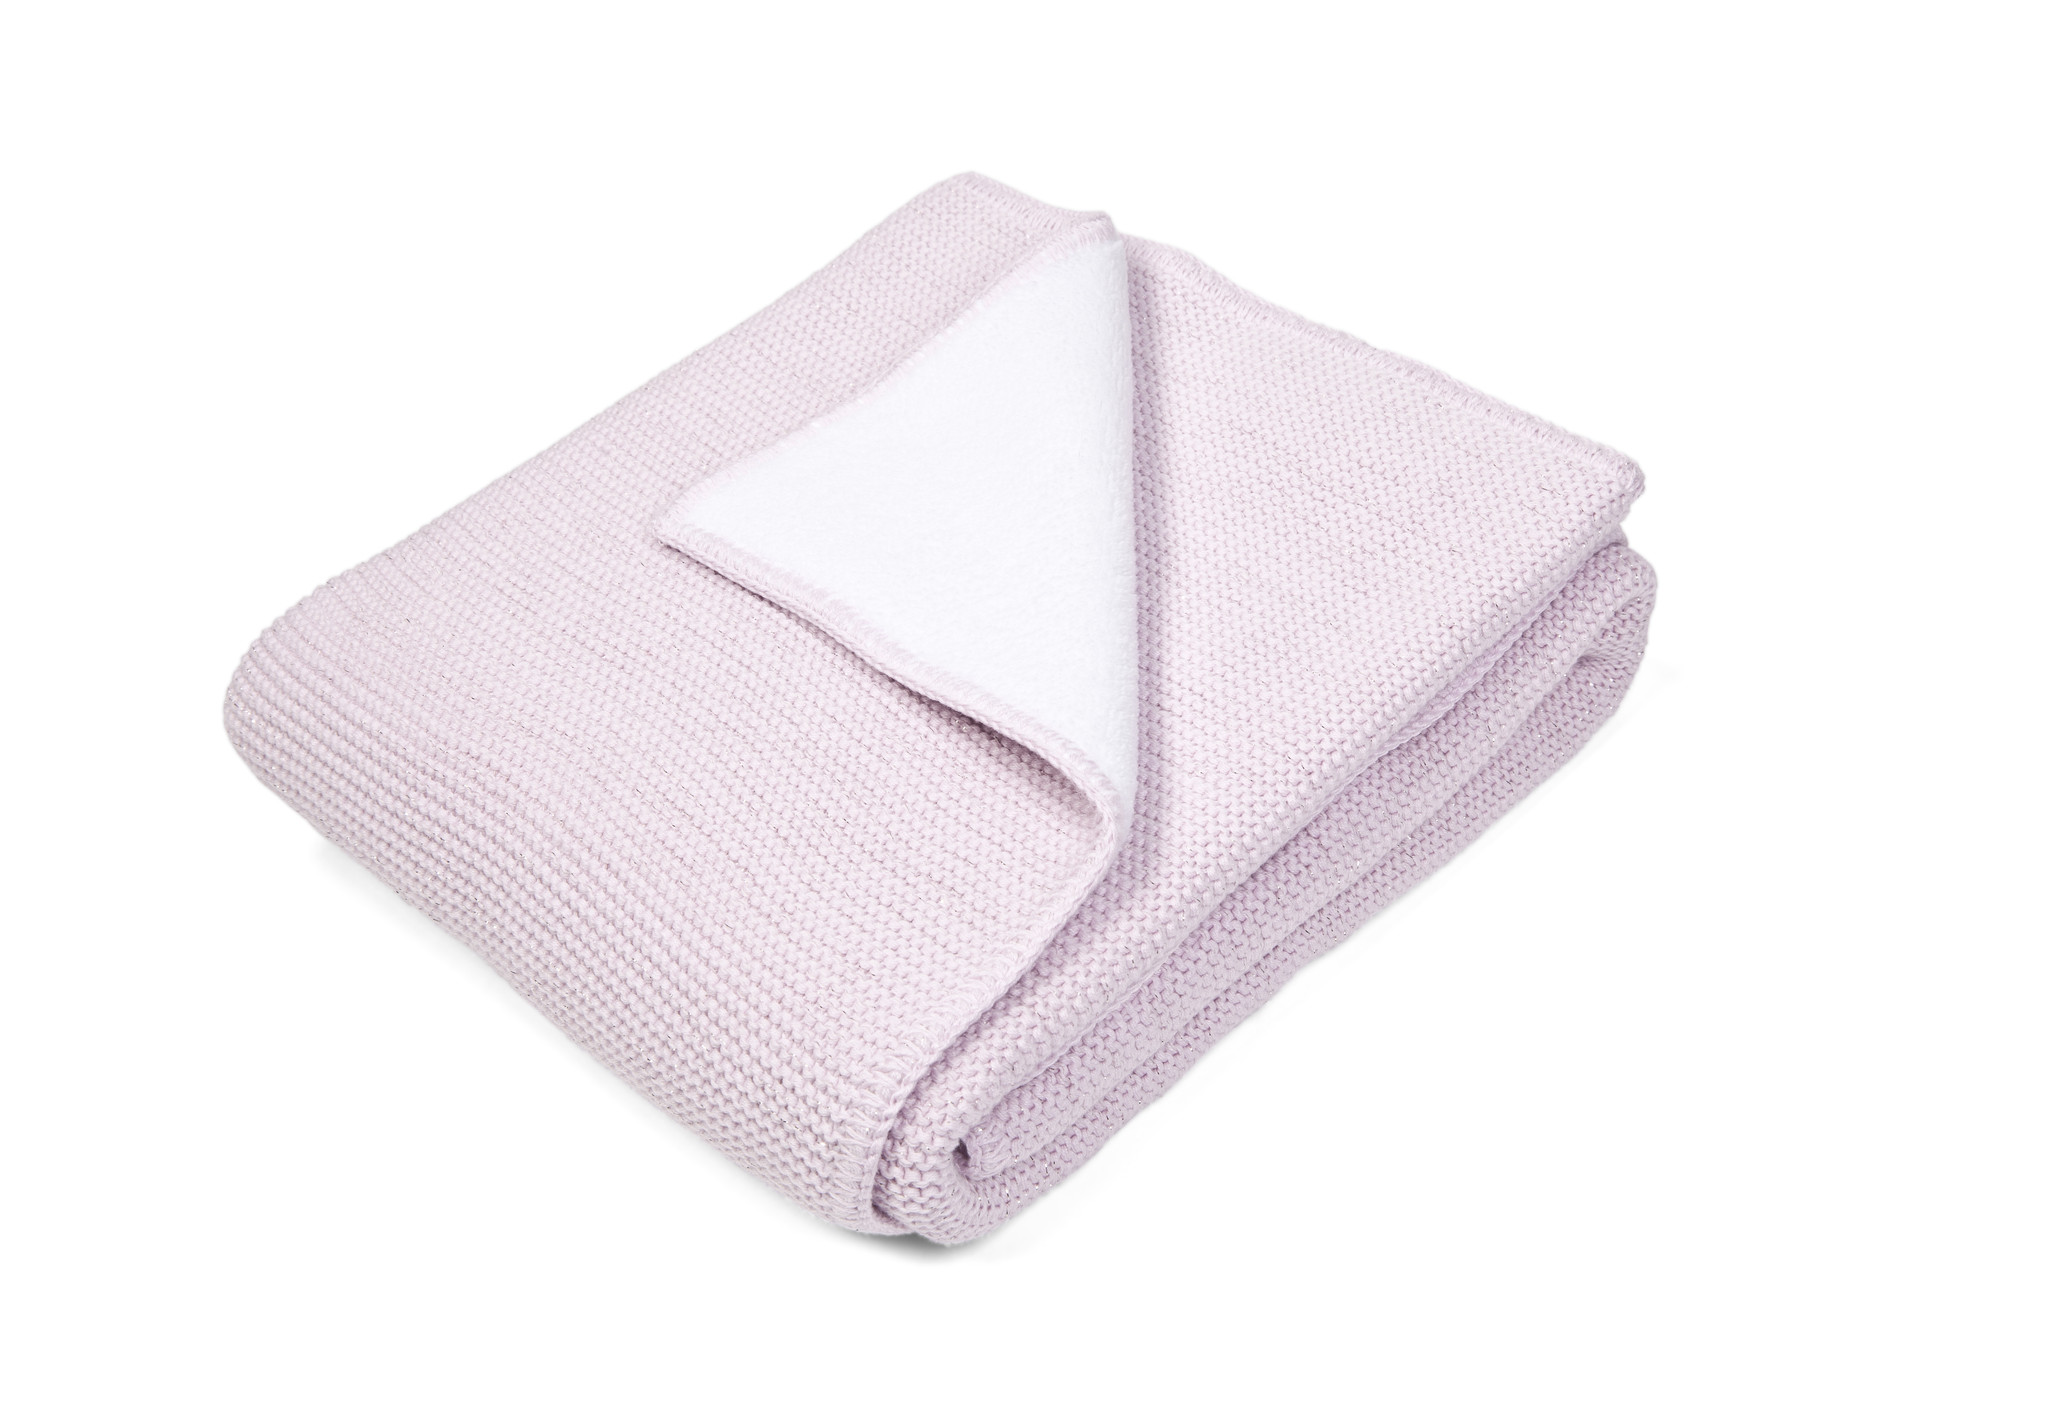 Ledikant deken met zachte glans-1